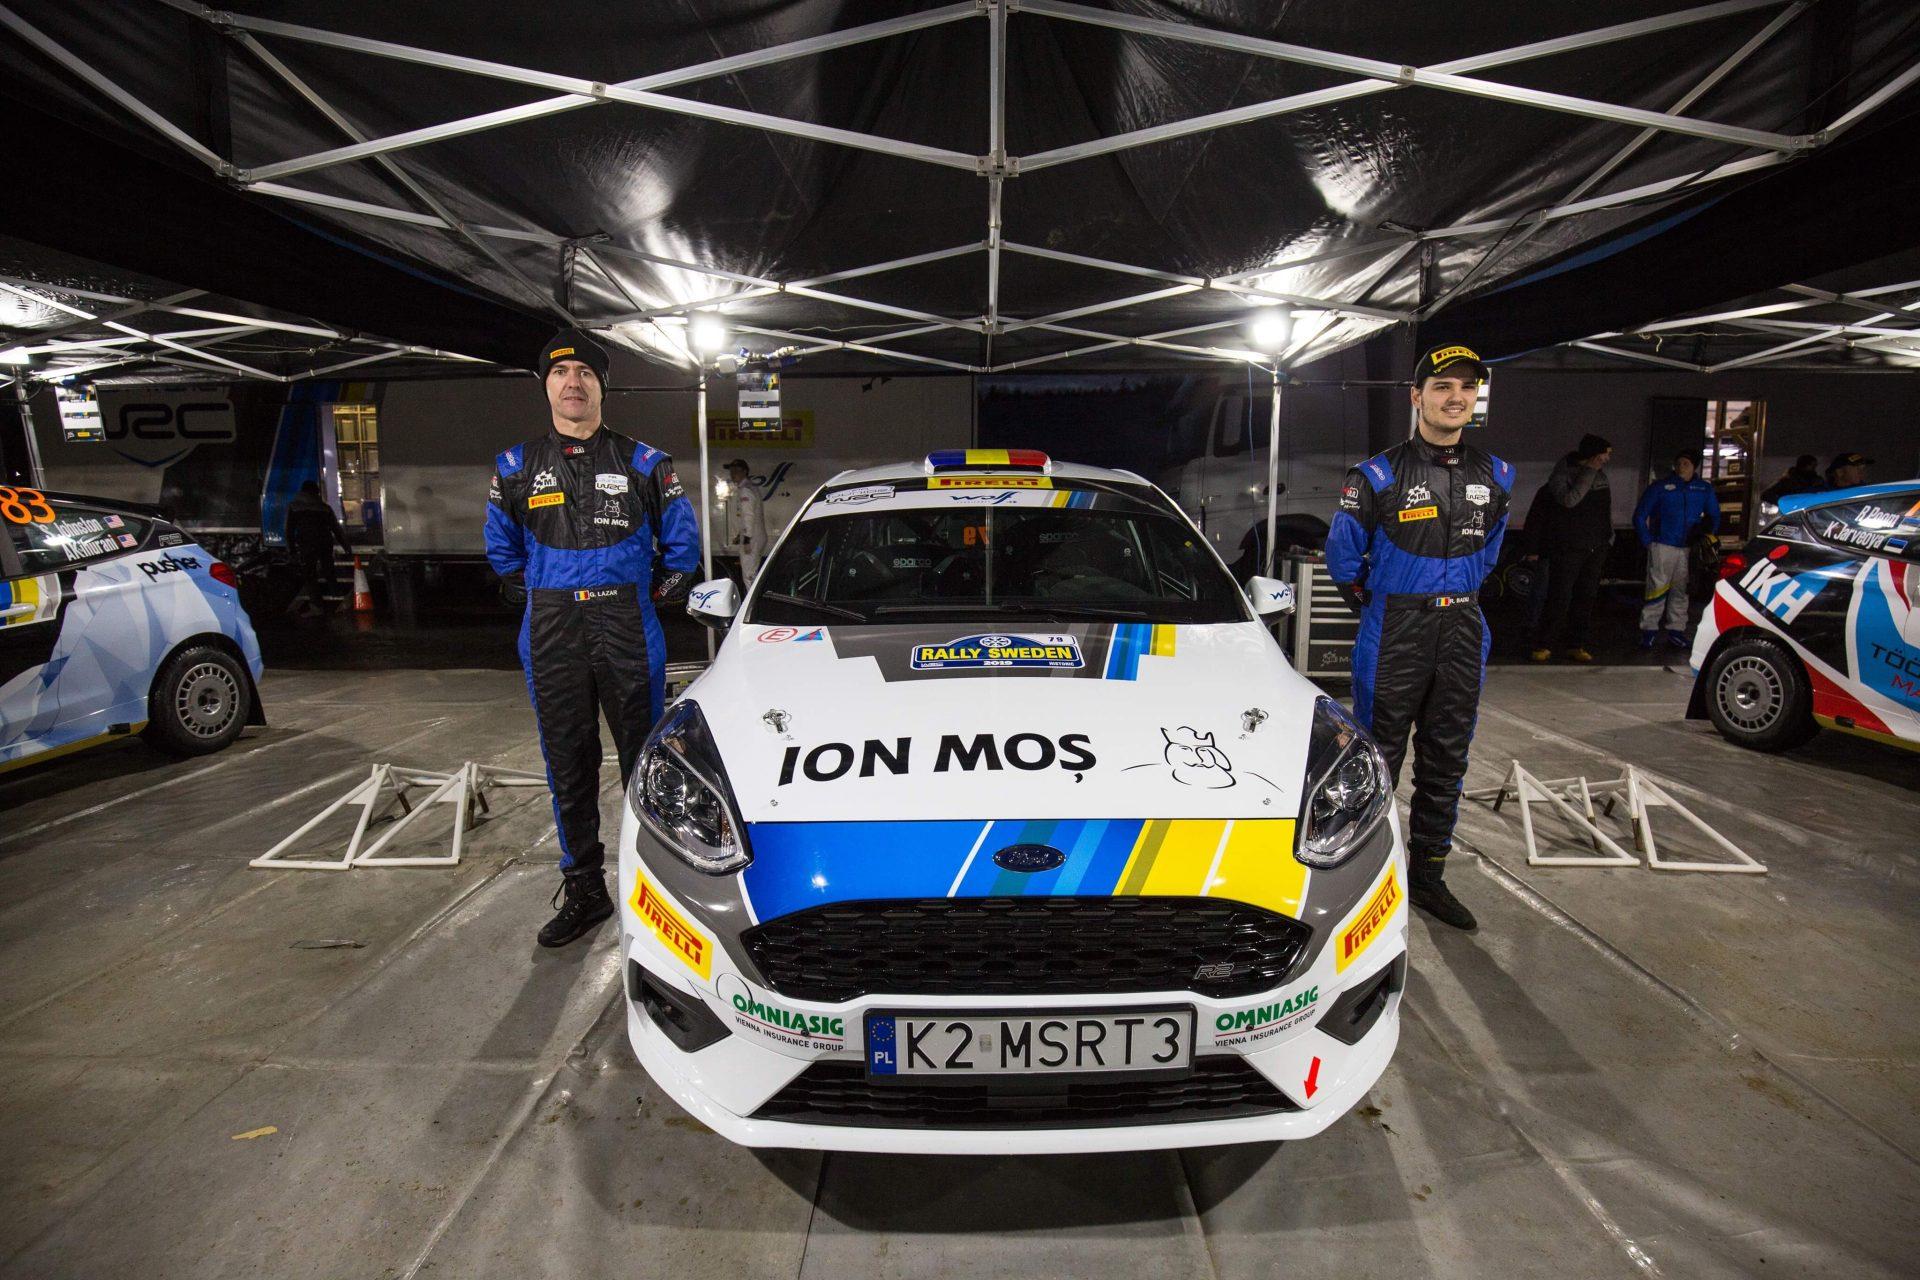 3, 2, 1, START! DEBUT IN JUNIOR WRC 2019